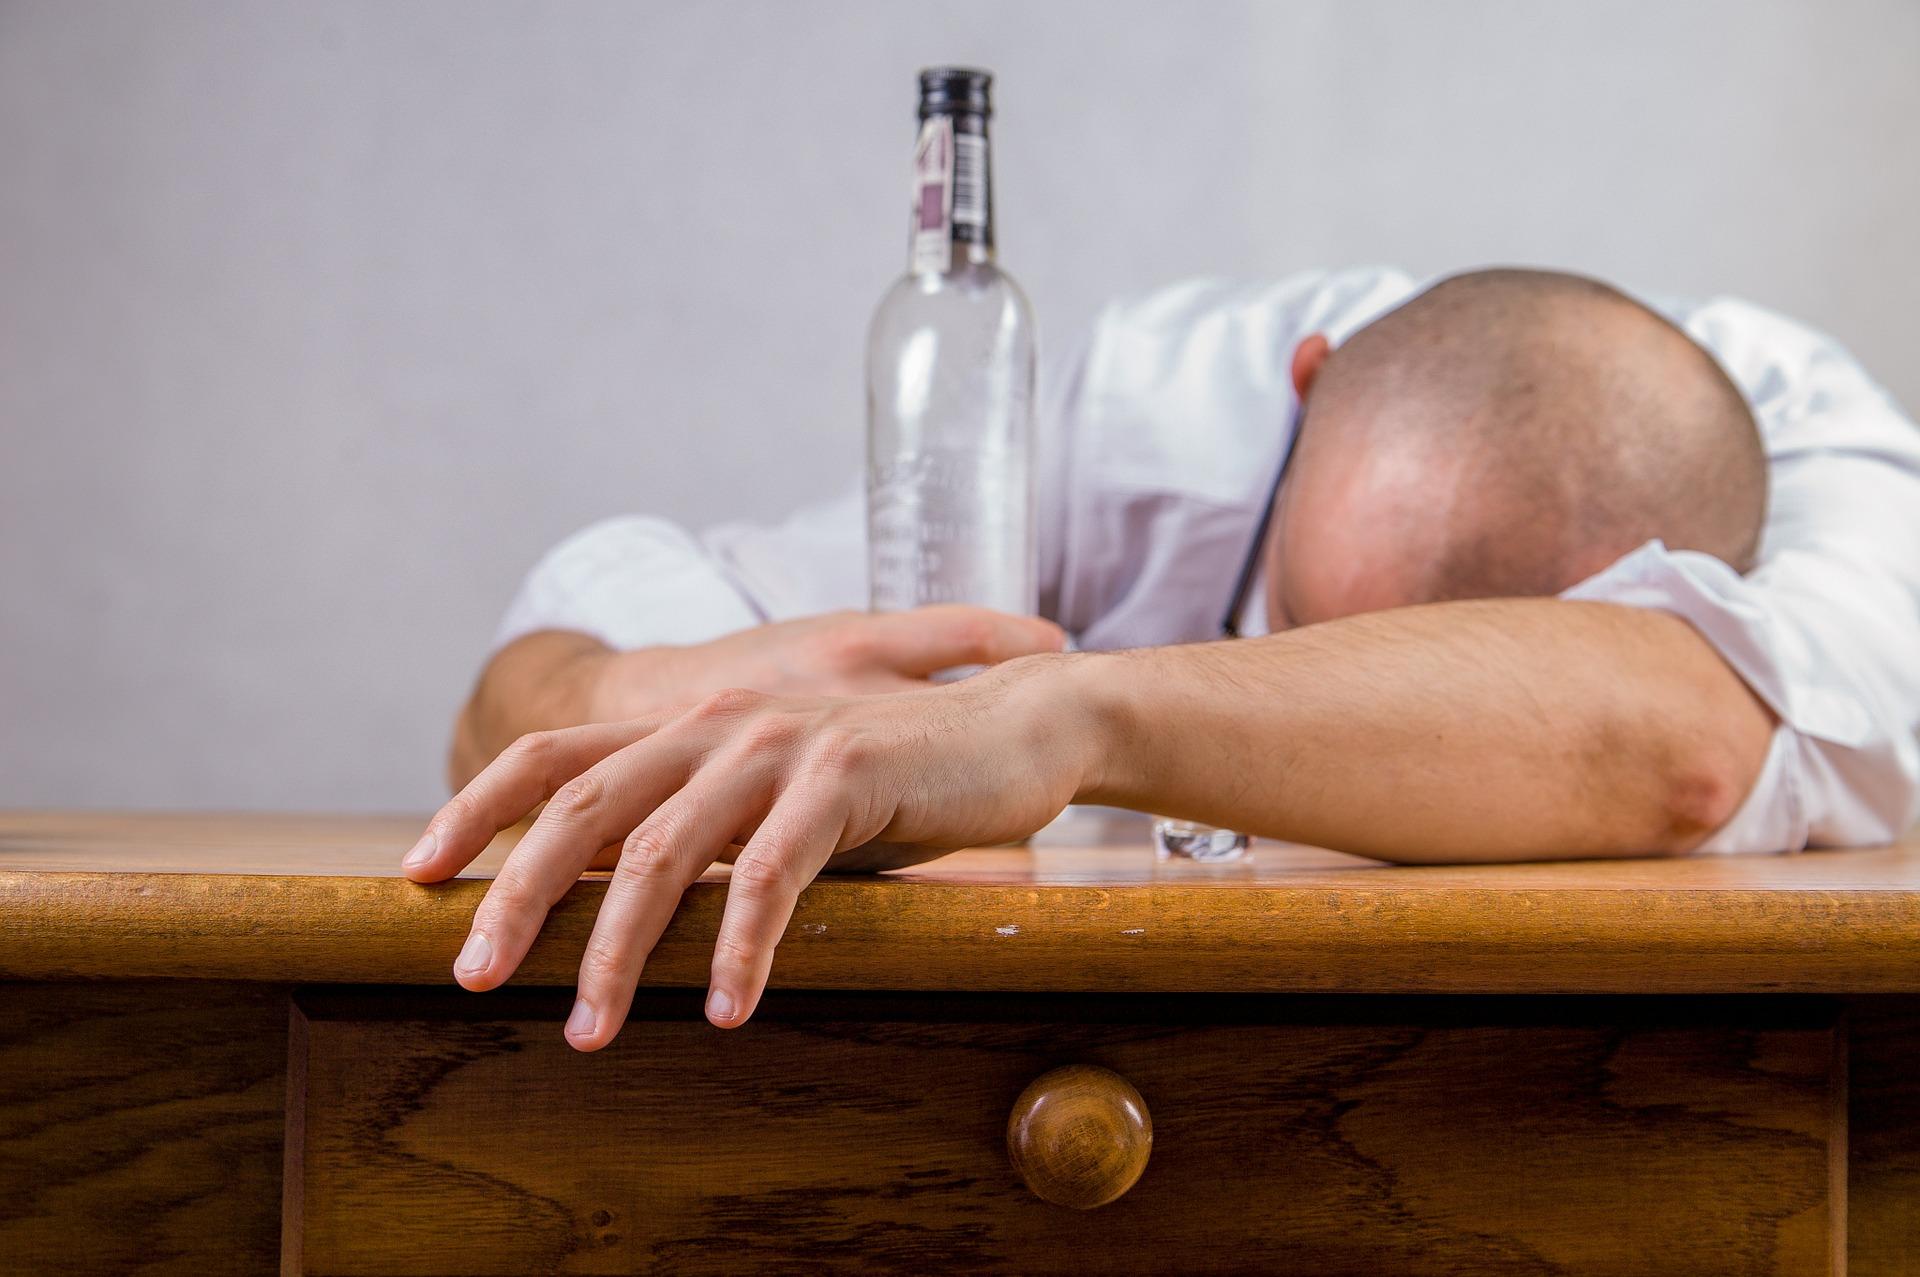 Z REGIONU. Agresywny i pijany klient hotelu zapłaci za szkody - Zdjęcie główne